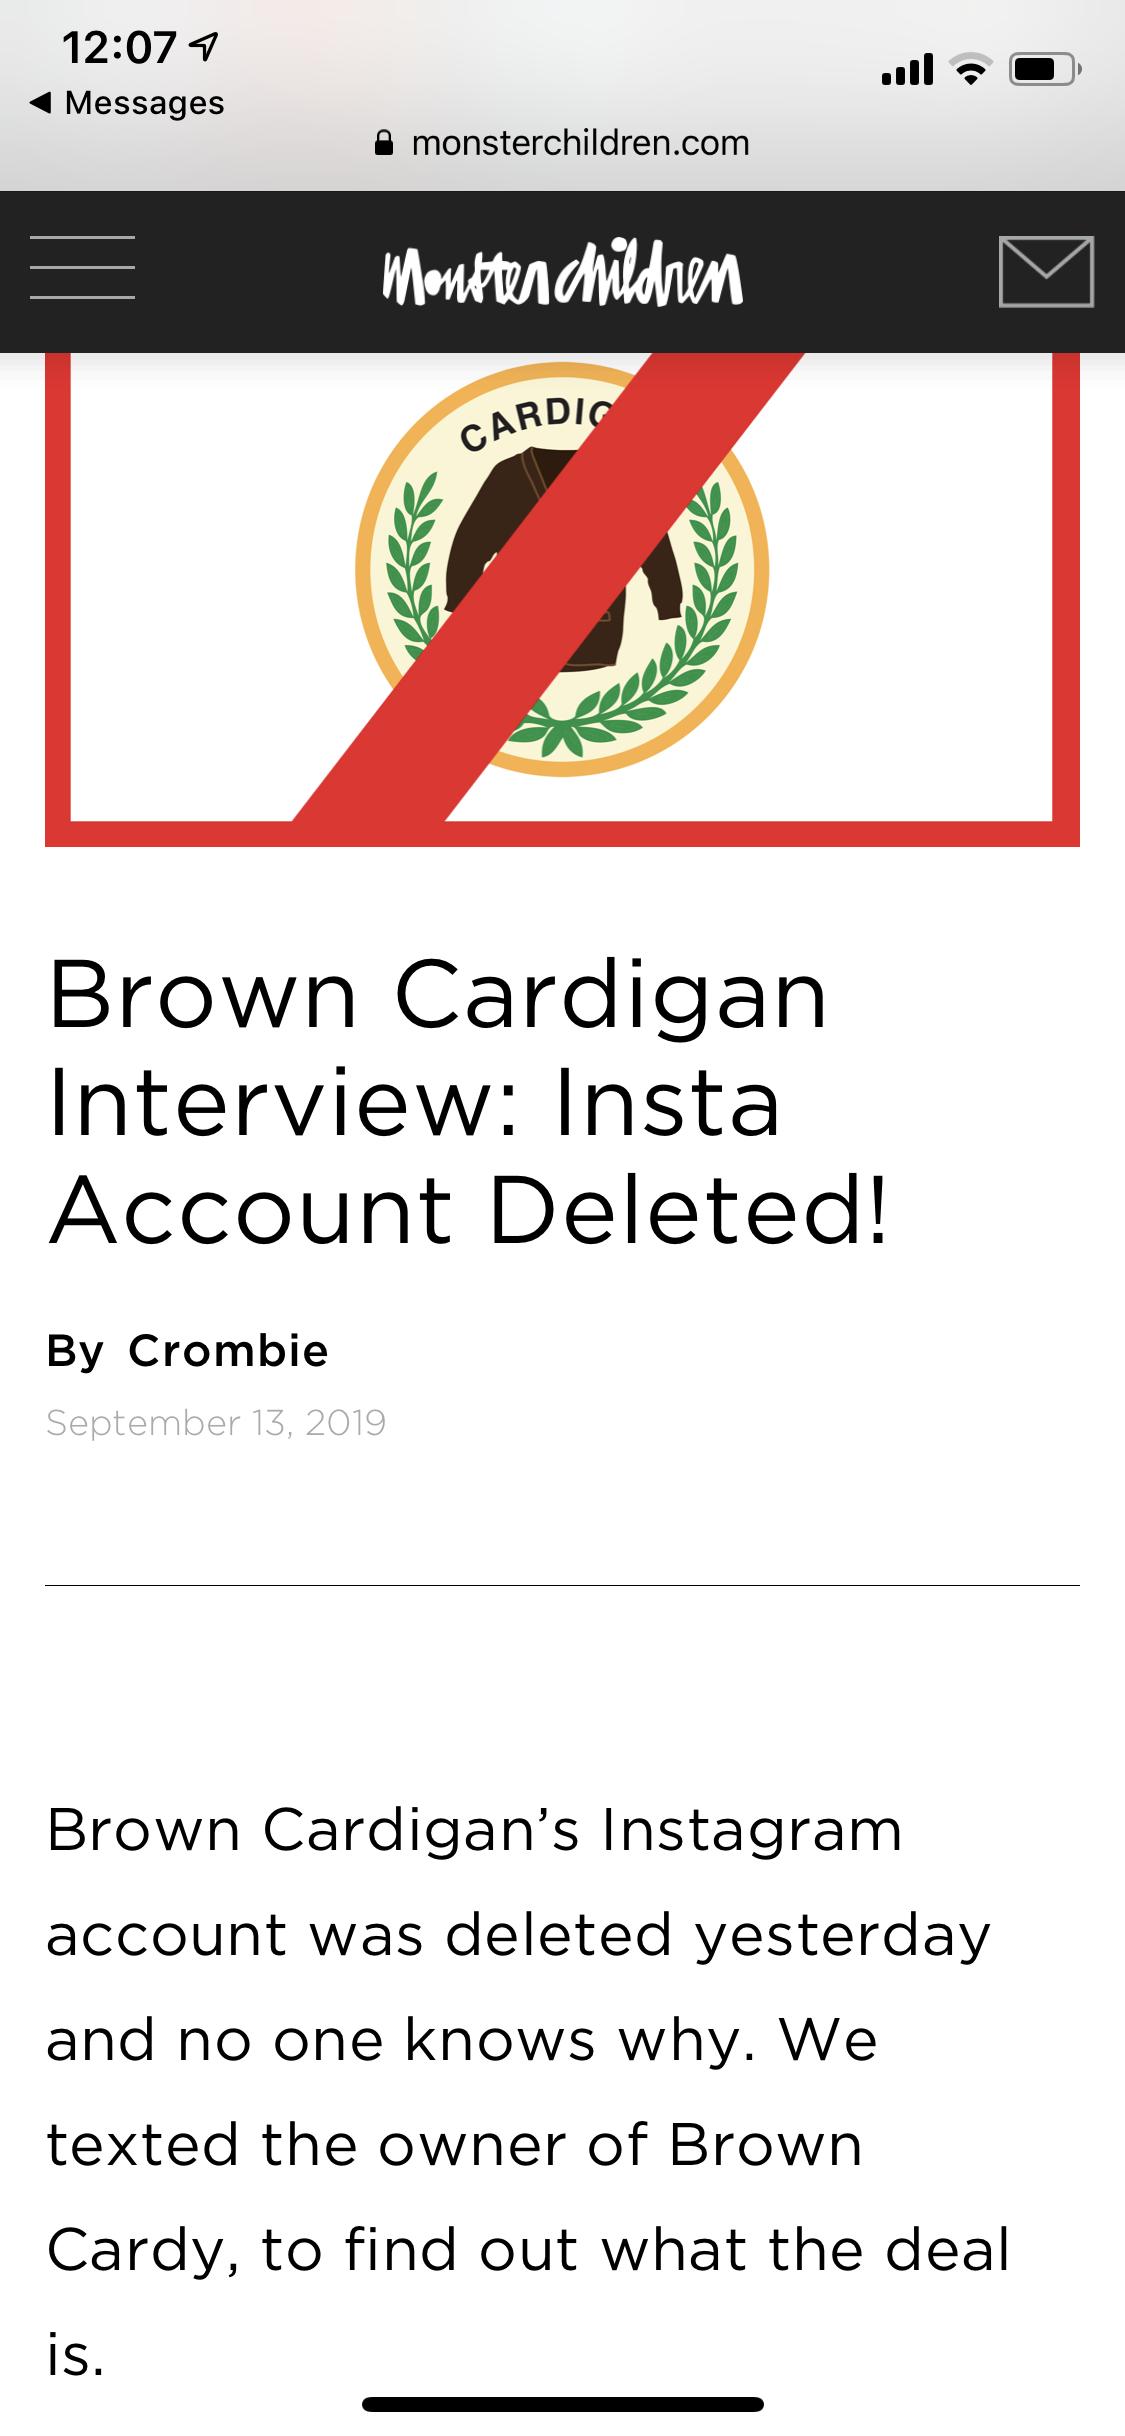 Brown Cardigan: Post #56448